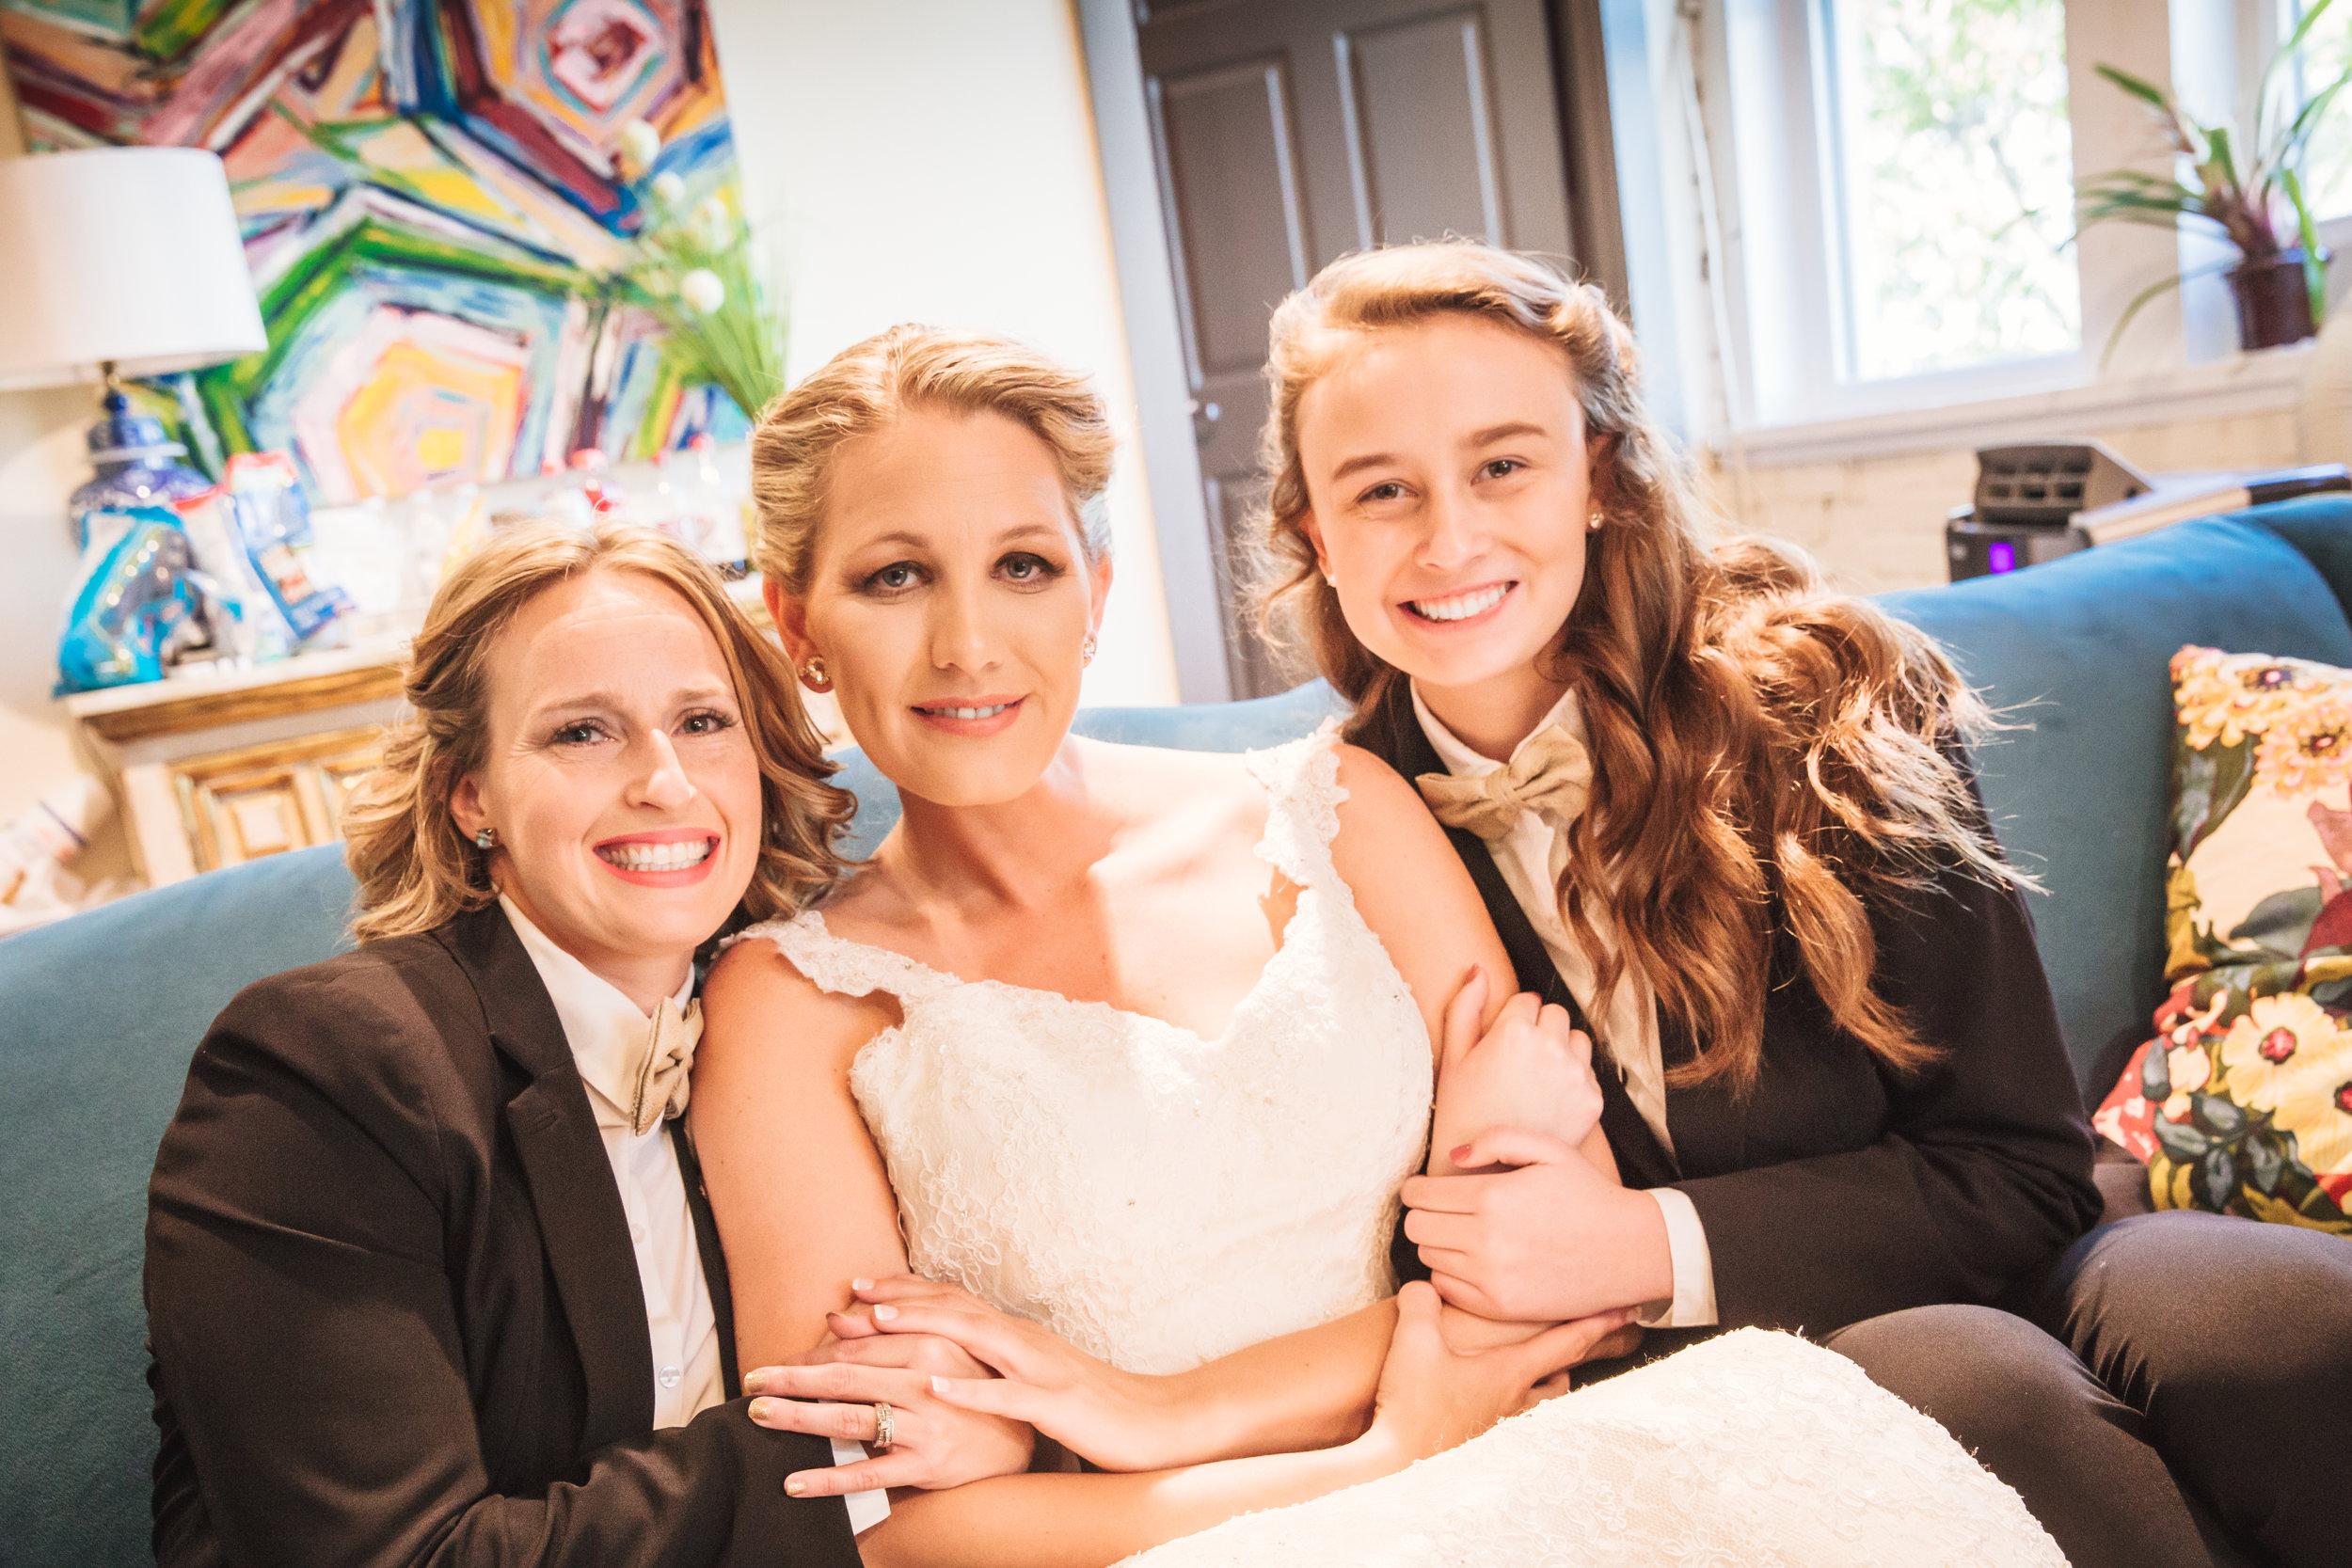 FTWorth_Wedding_Photgraphy.jpg